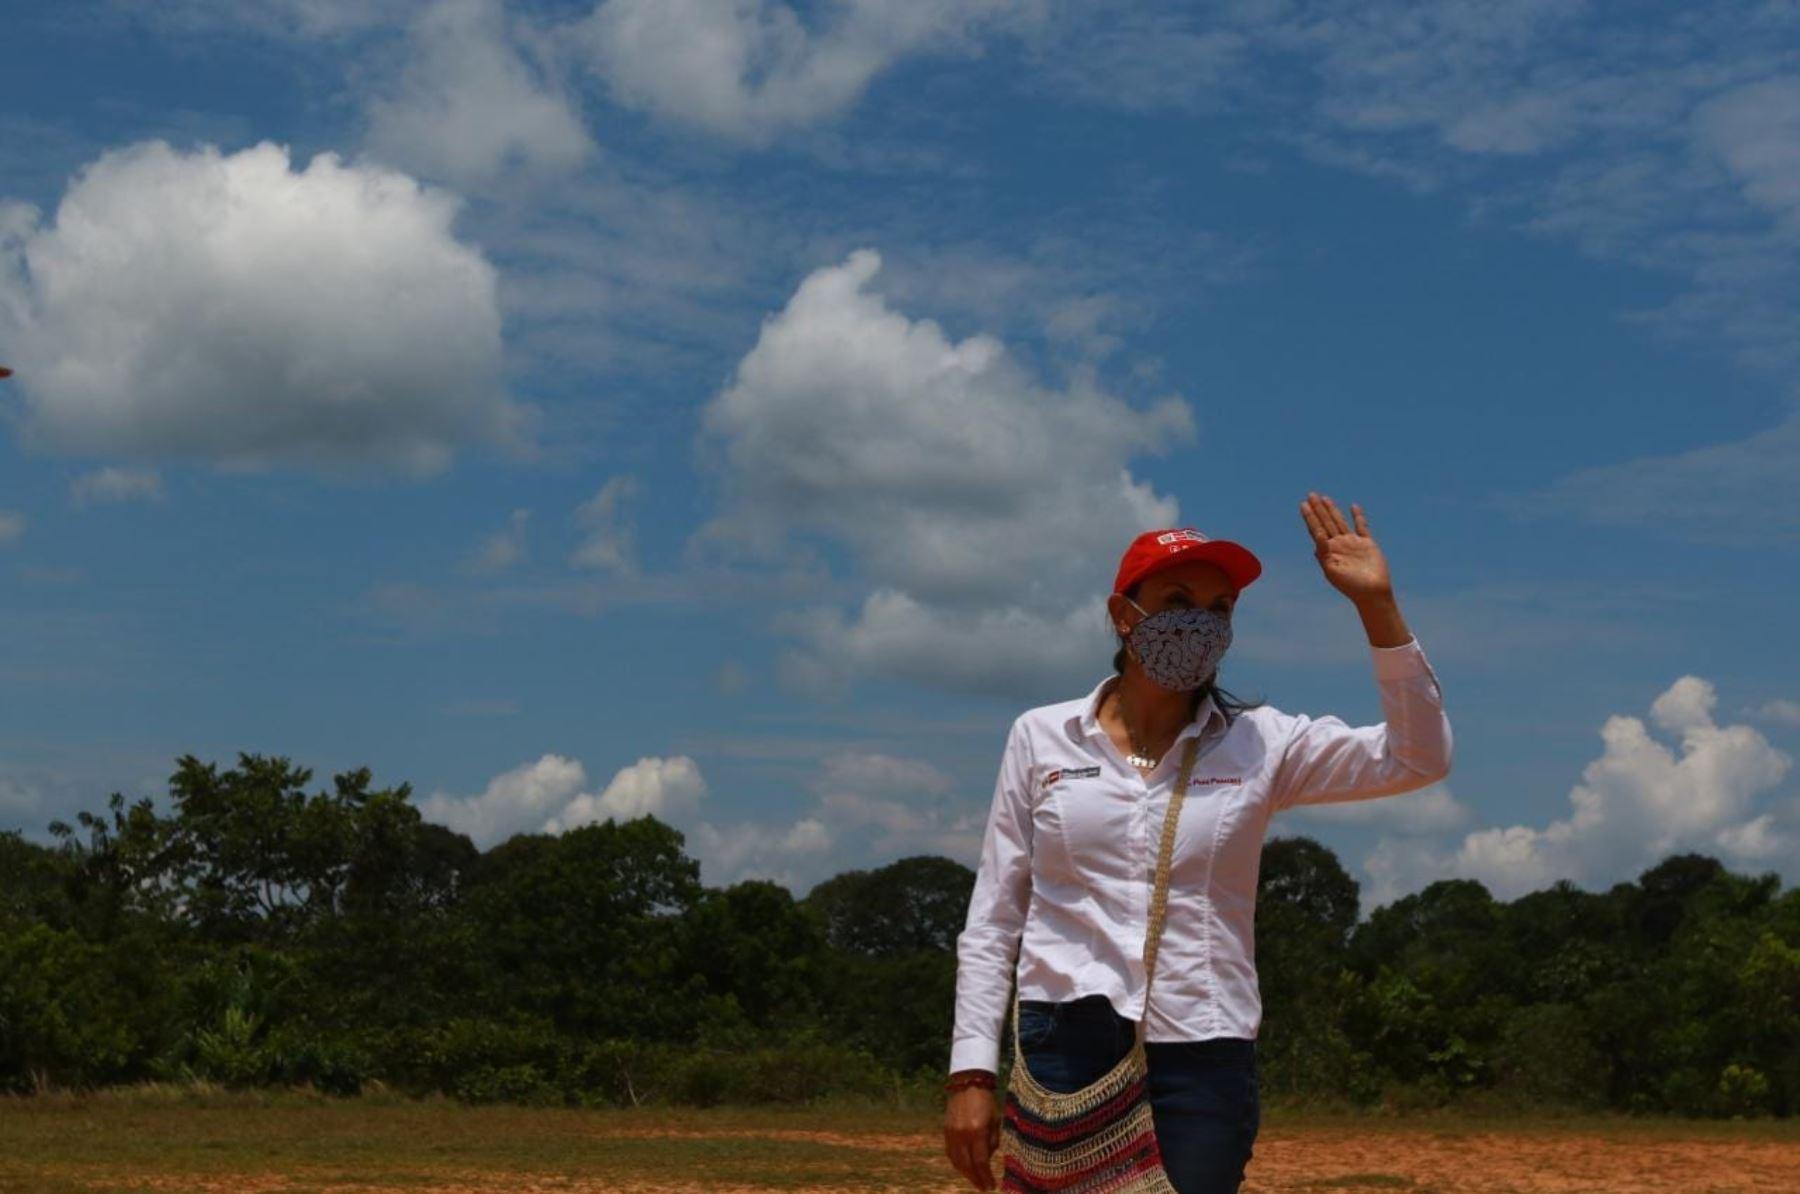 El presidente Martín Vizcarra, participa en la presentación del Núcleo Ejecutor del Proyecto Noa Jayatai – Mujer en la región Loreto. Este es el primer núcleo integrado por mujeres nativas de la Amazonía peruana. Foto: ANDINA/ Prensa Presidencia